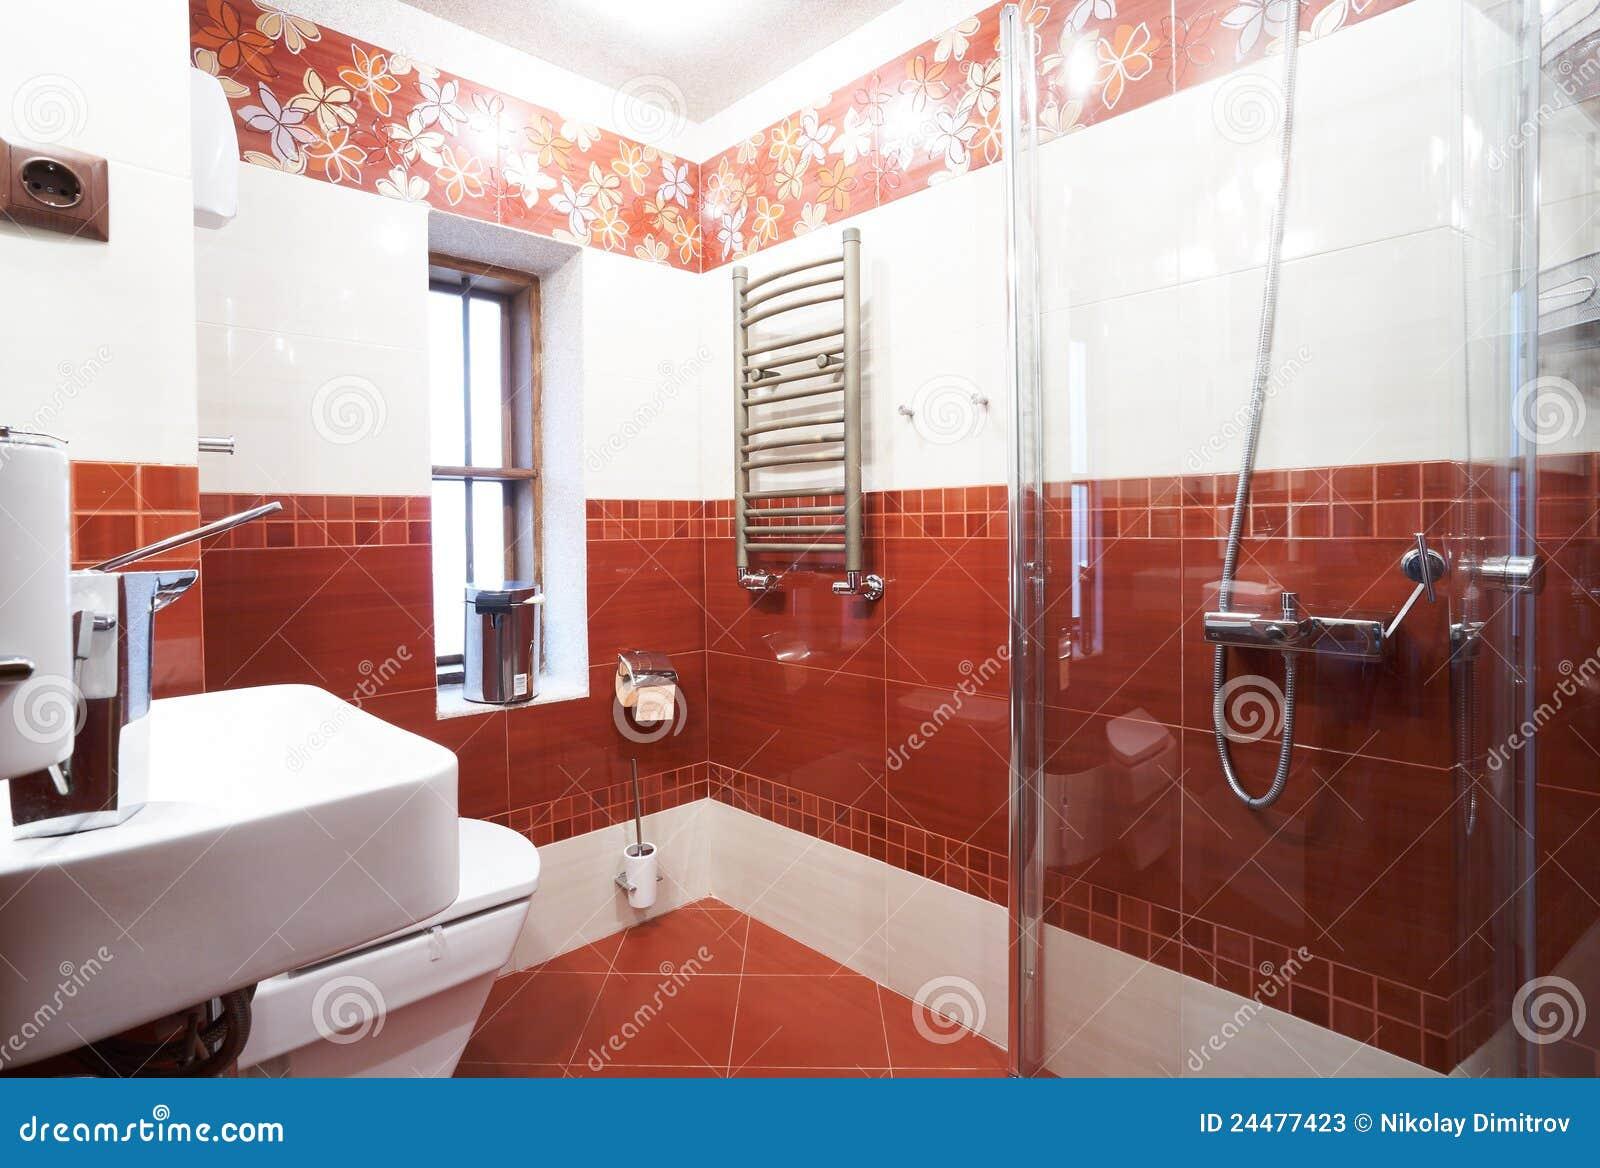 Fotos de Stock: Banheiro vermelho moderno #9D412E 1300 966